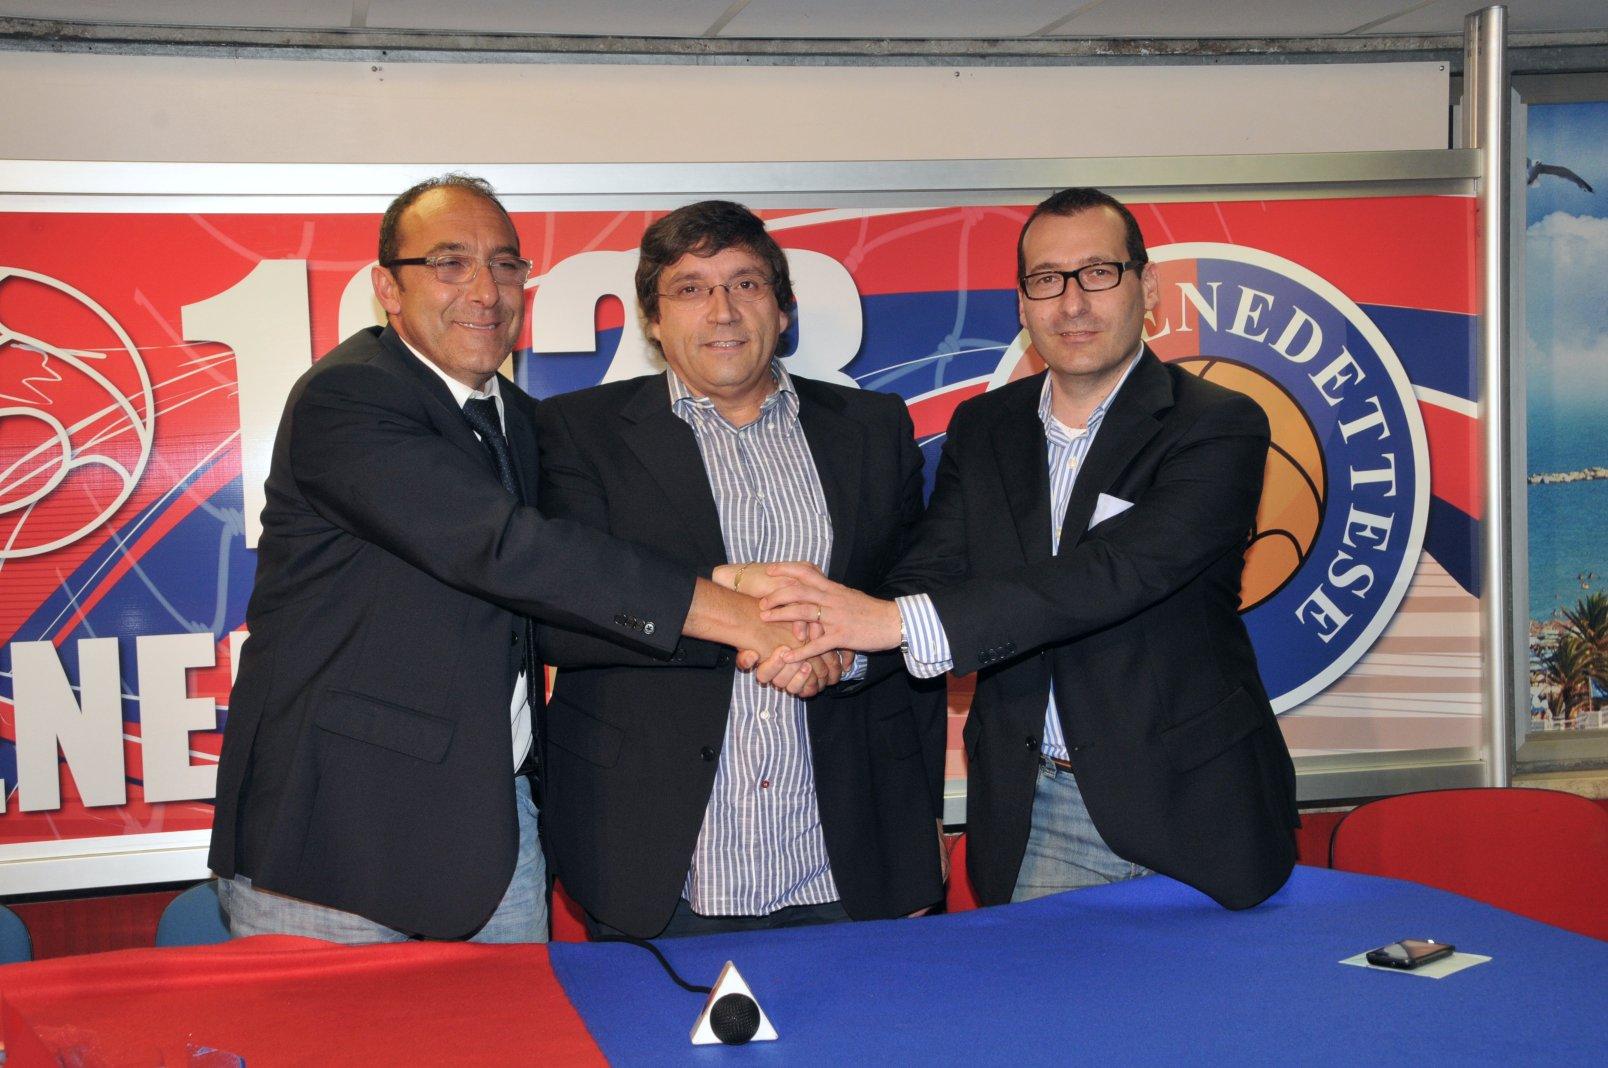 Bartolomei, Pignotti e Maurizio Spazzafumo, addetto alle pubblice relazioni